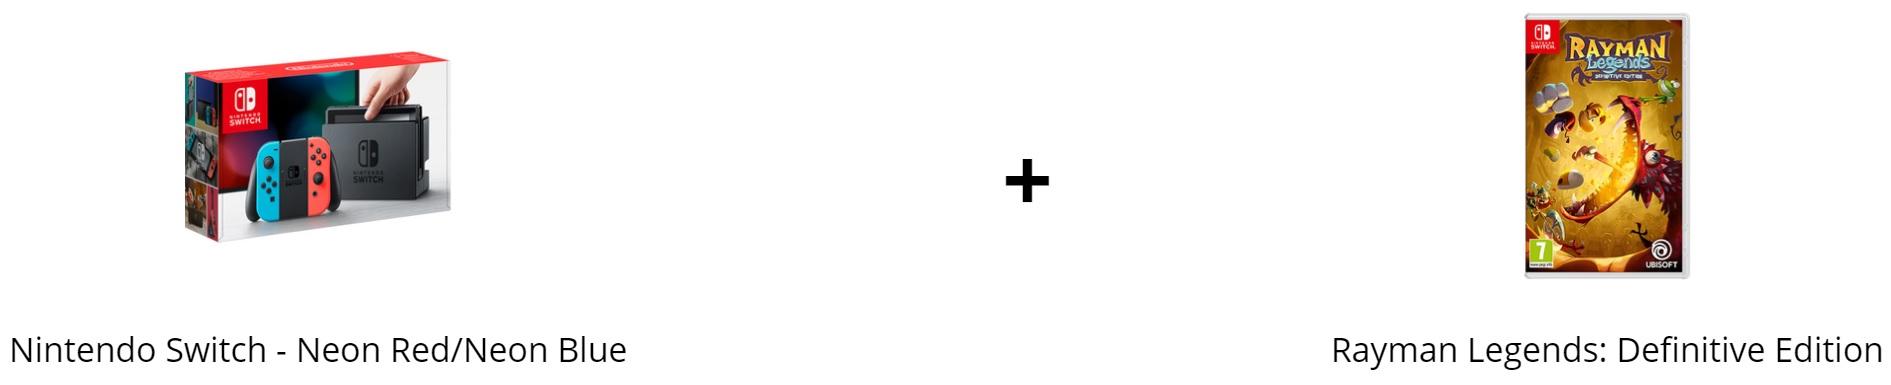 2825338-ZW7Vr.jpg